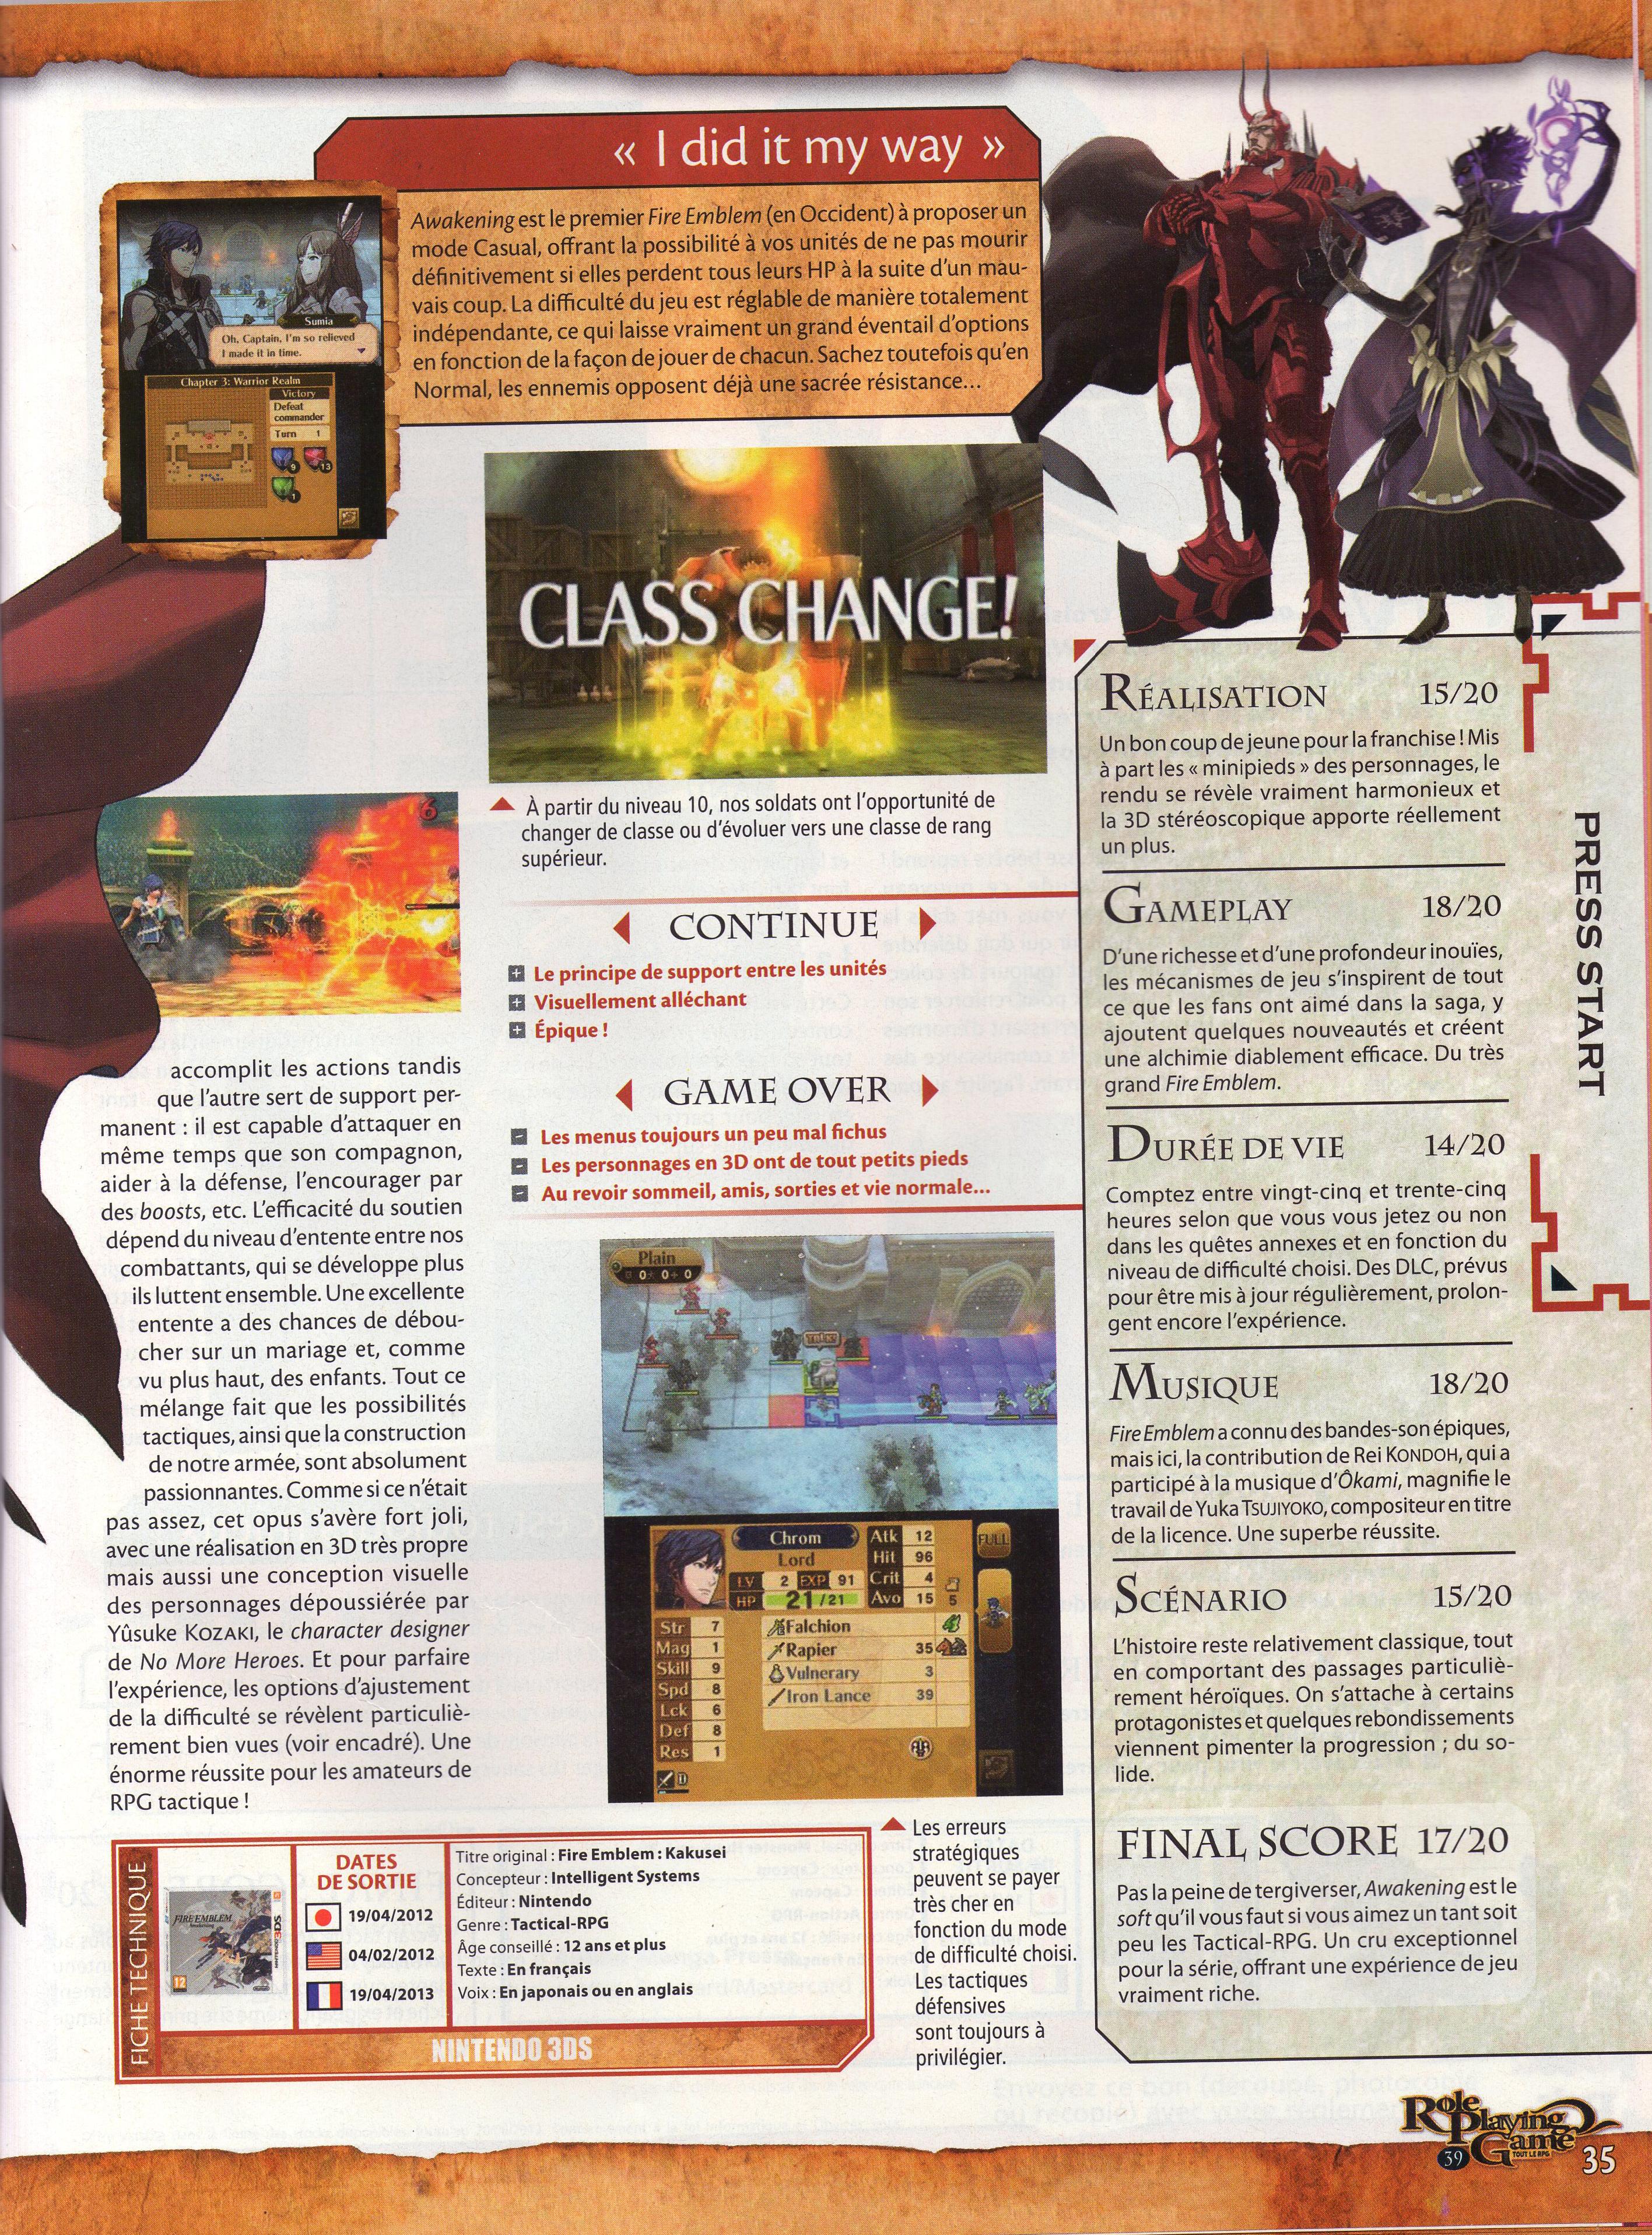 Fire emblem dans la presse papier 1448719754-rpg-mag-fe-13-p4